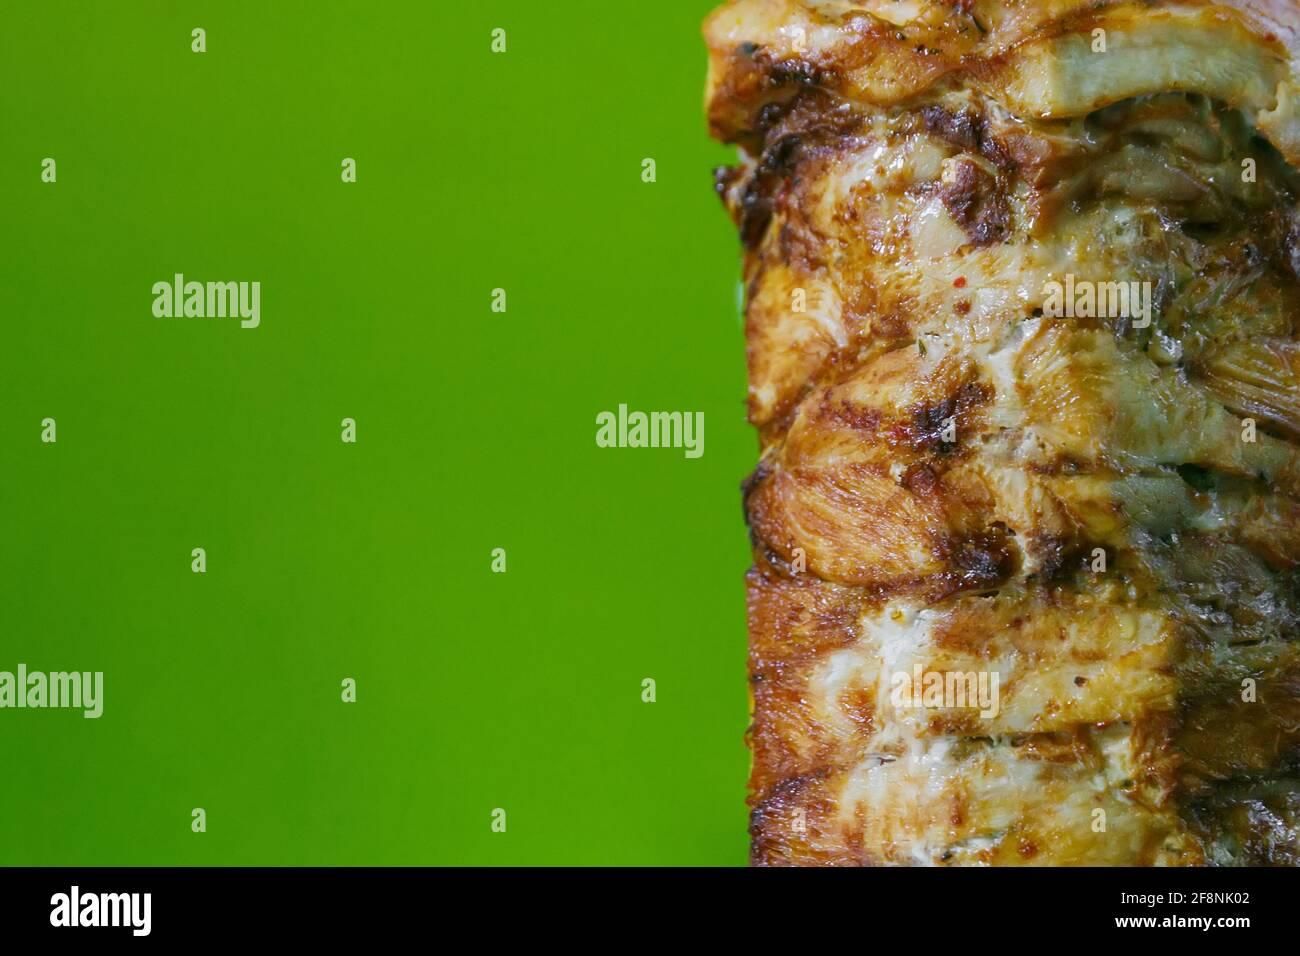 La viande de shawarma est grillée sur une brochette dans un asiatique restaurant Banque D'Images